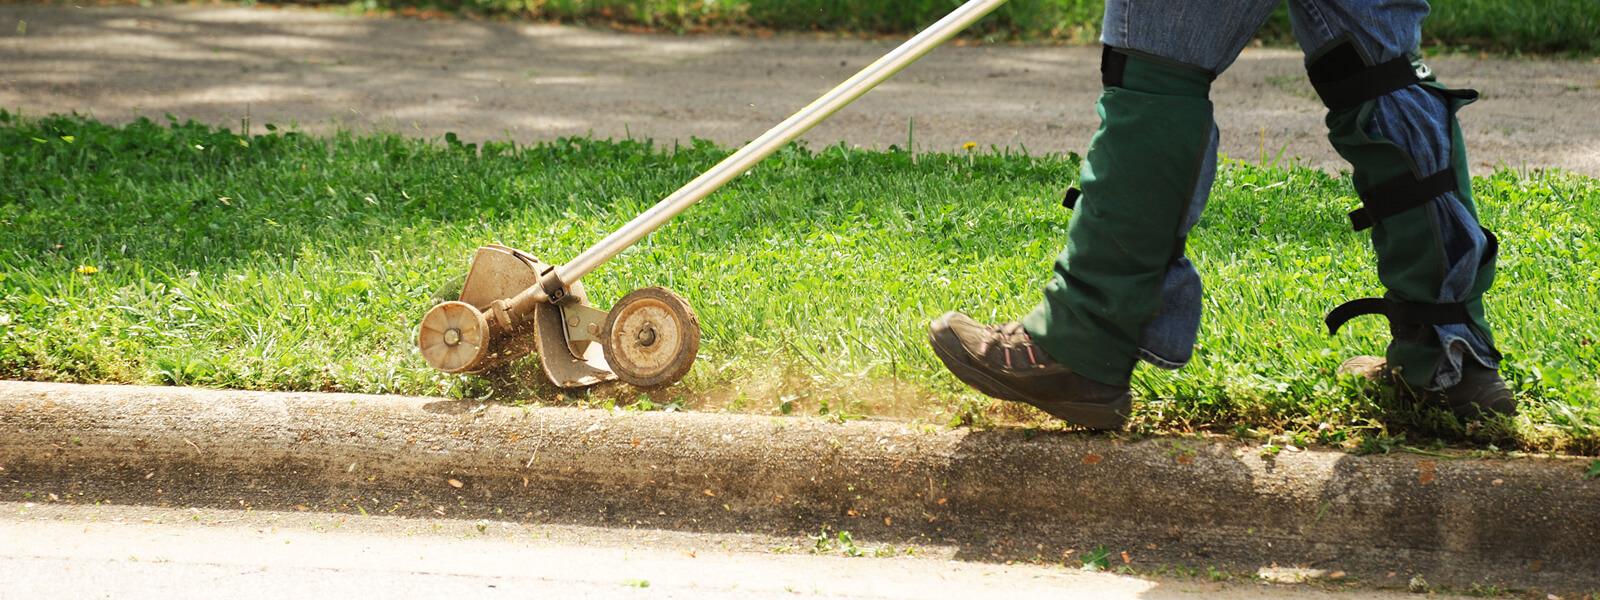 Lawn Edges & Edging a Lawn